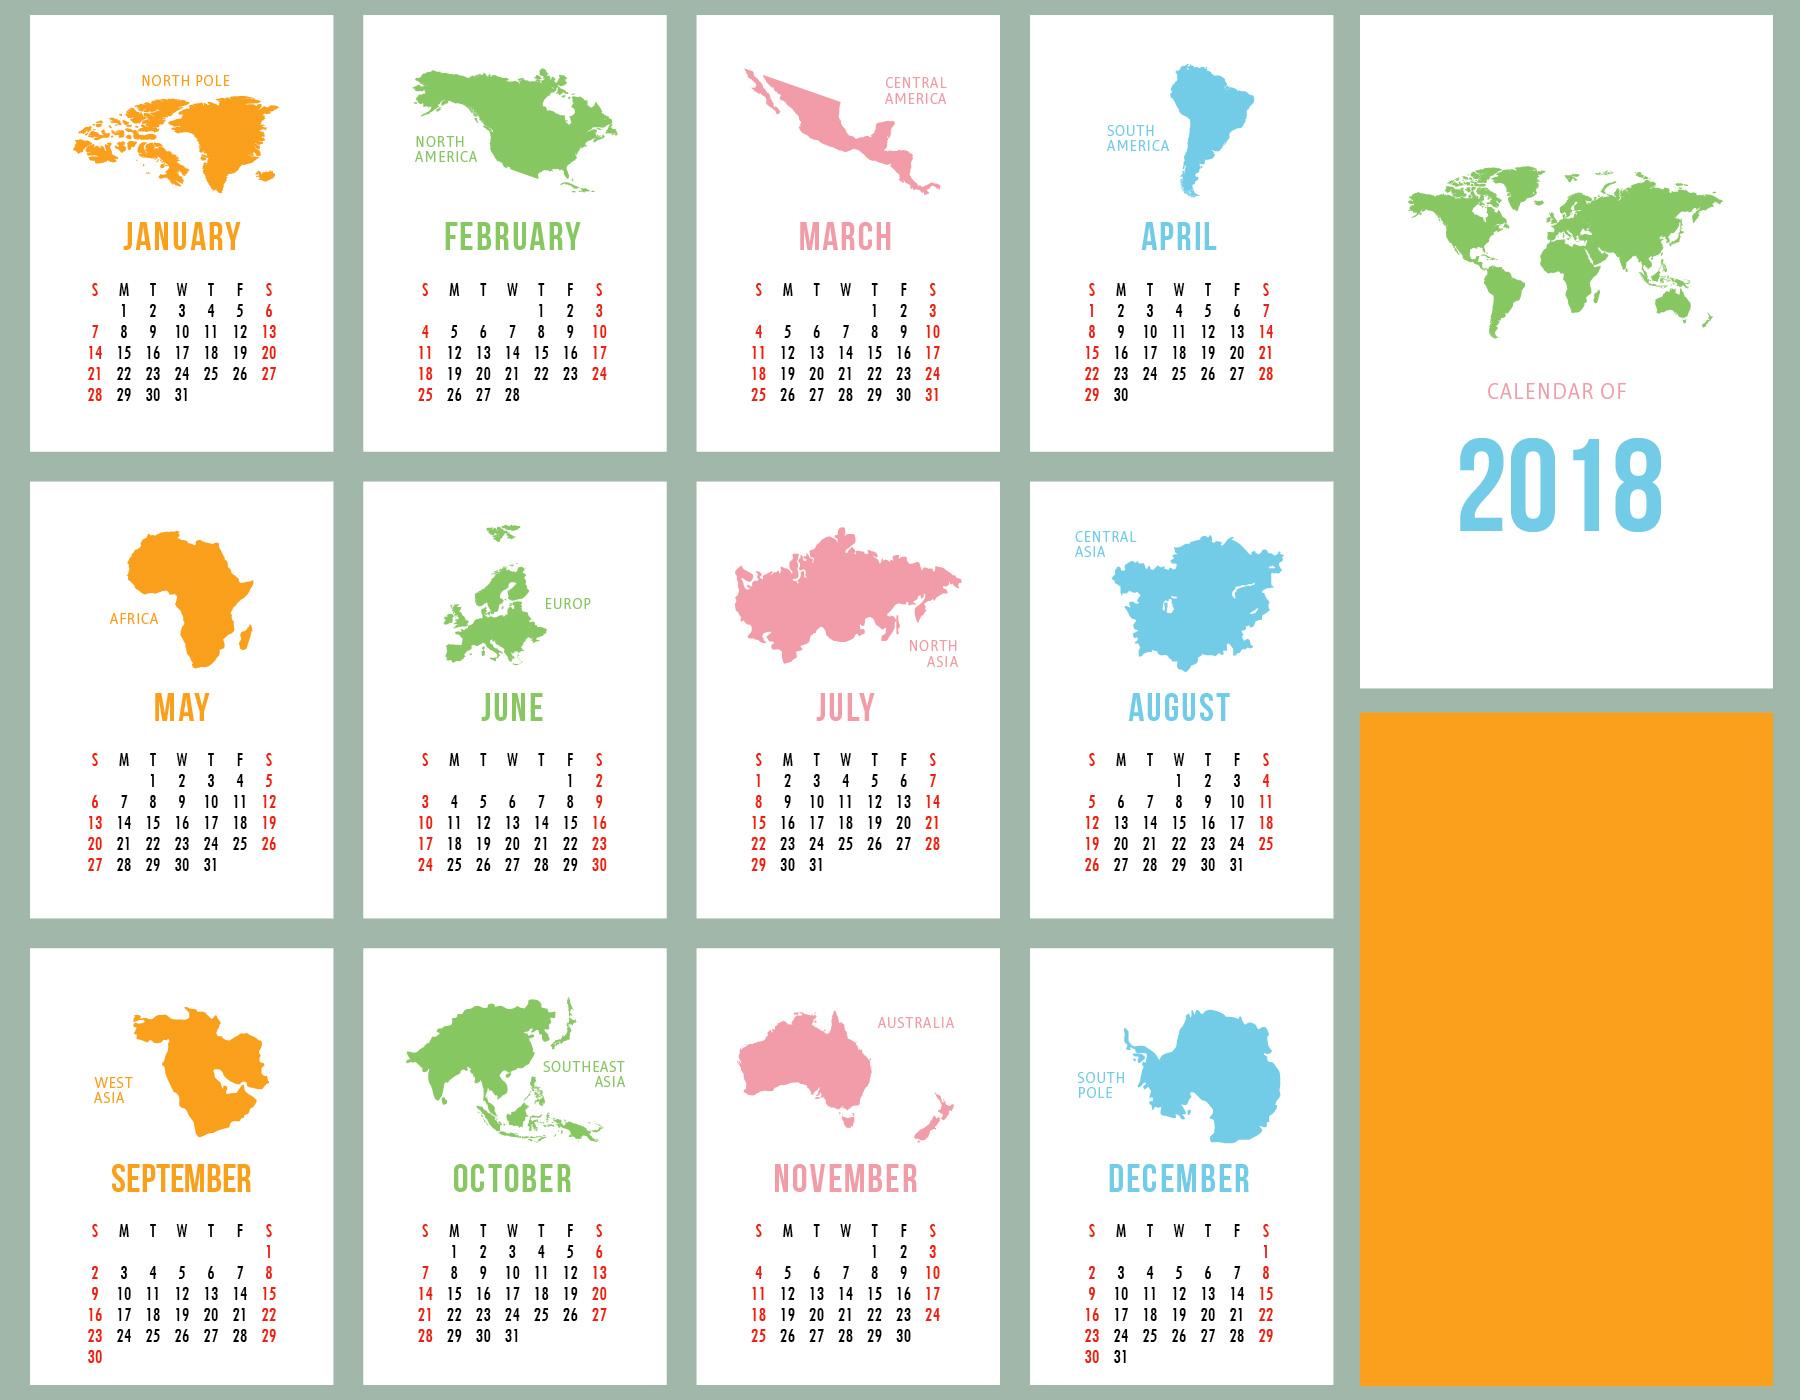 Calendario imprimible - Descargue Gráficos y Vectores Gratis